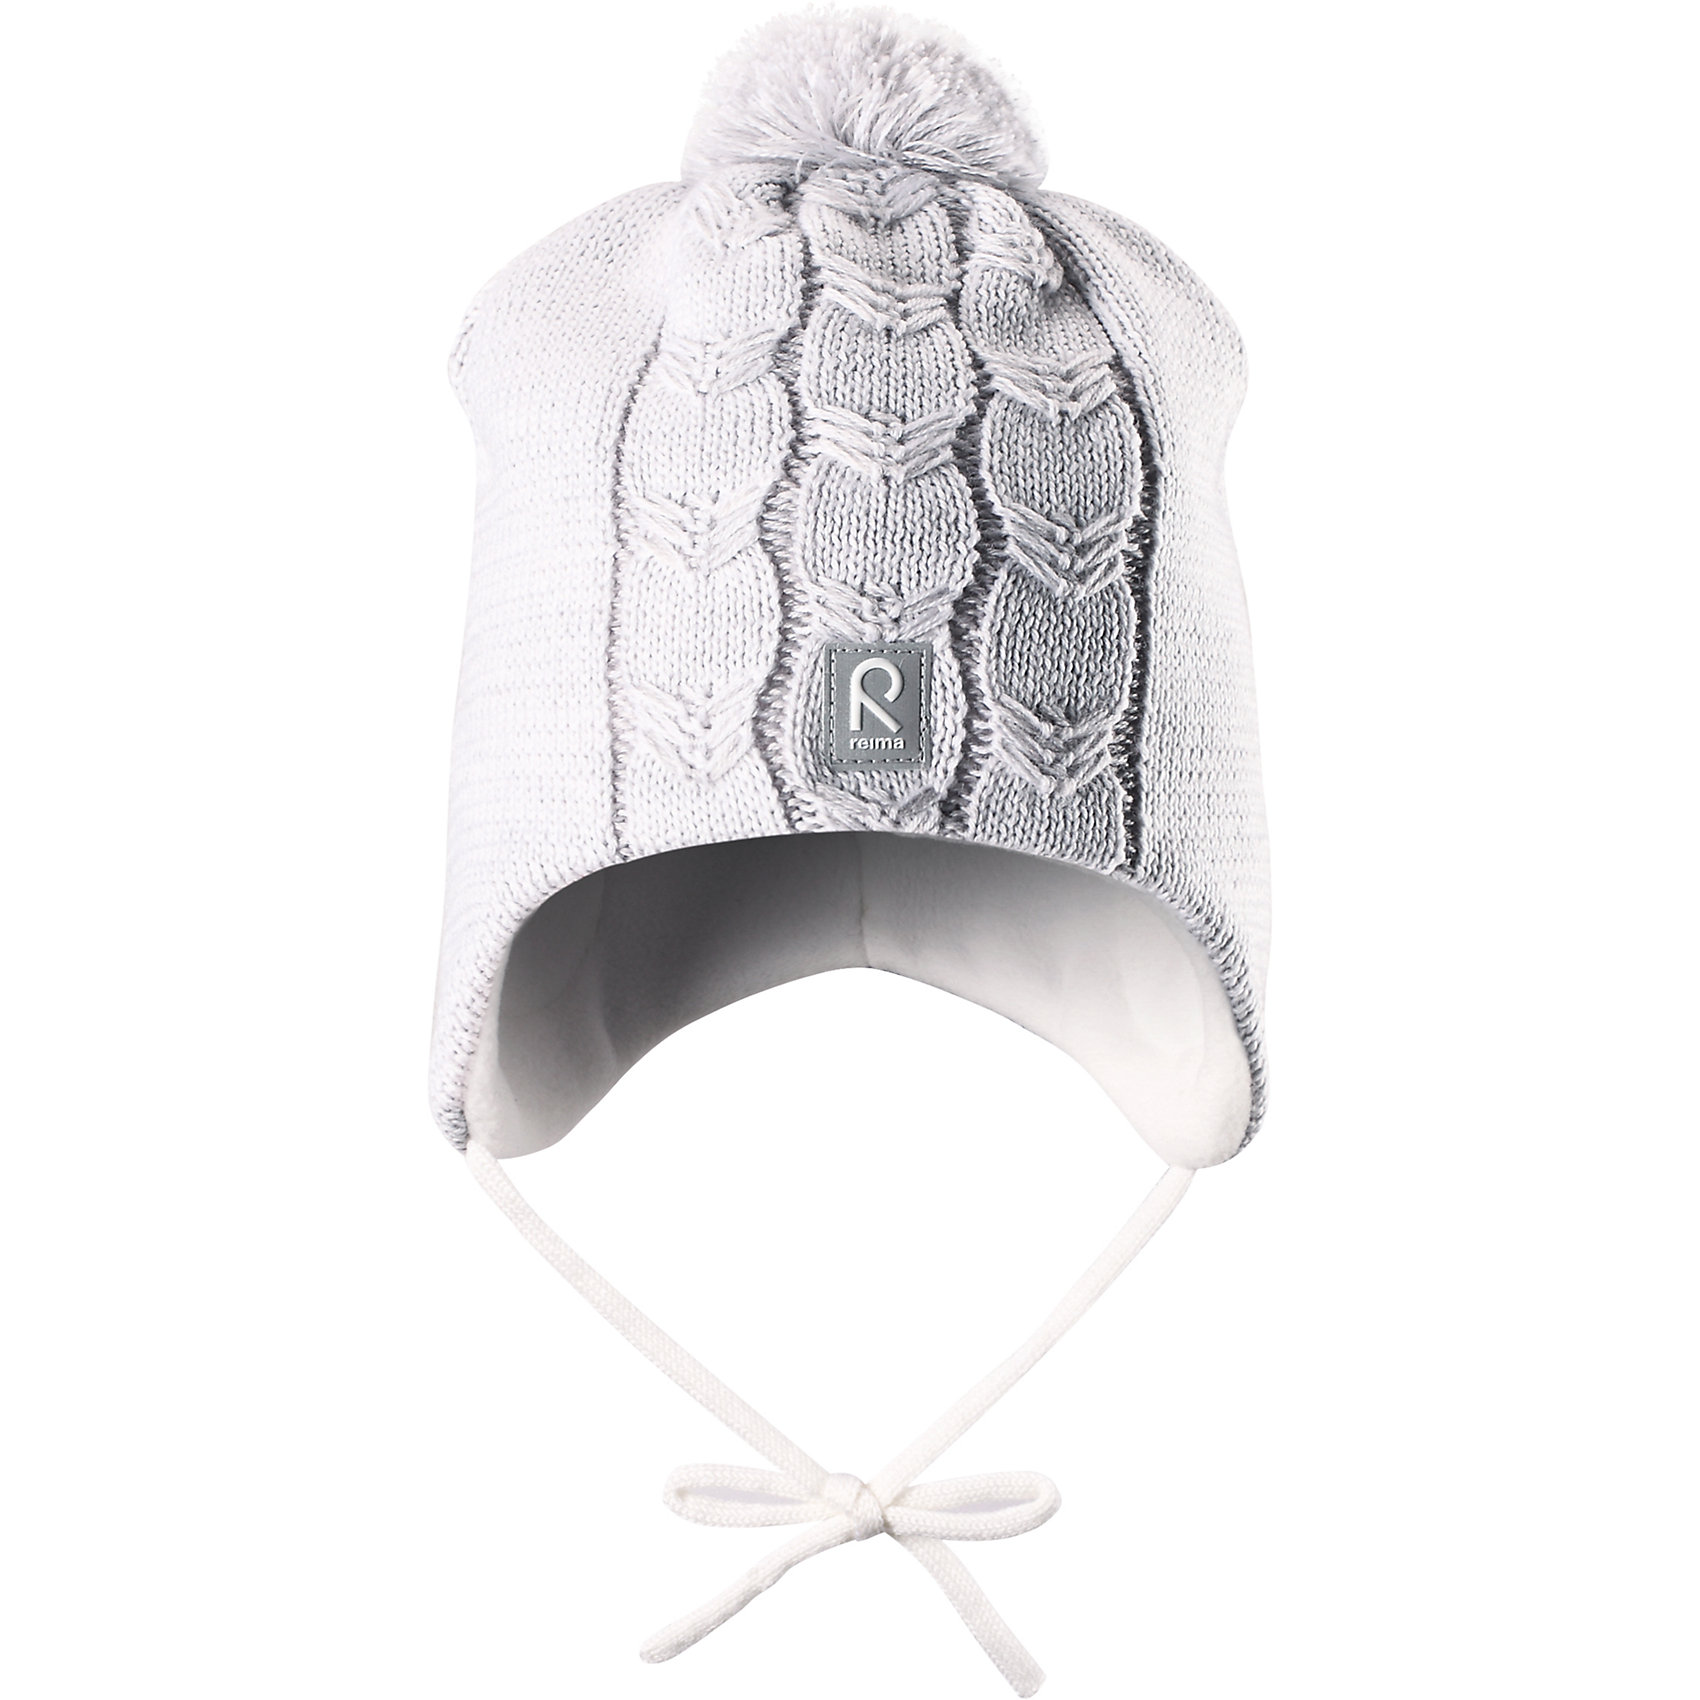 Шапка Piilossa для девочки ReimaШапки и шарфы<br>Шапка для девочки Reima<br>Шапка «Бини» для малышей. Мягкая ткань из мериносовой шерсти для поддержания идеальной температуры тела. Теплый толстый качественный трикотаж. Товар сертифицирован Oeko-Tex, класс 1, одежда для малышей. Ветронепроницаемые вставки в области ушей. Любые размеры. Мягкая теплая подкладка из поларфлиса. Логотип Reima® спереди. Помпон сверху. Интересная структура поверхности. Светоотражающий элемент спереди.<br>Уход:<br>Стирать по отдельности, вывернув наизнанку. Придать первоначальную форму вo влажном виде. Возможна усадка 5 %.<br>Состав:<br>100% Шерсть<br><br>Ширина мм: 89<br>Глубина мм: 117<br>Высота мм: 44<br>Вес г: 155<br>Цвет: белый<br>Возраст от месяцев: 6<br>Возраст до месяцев: 9<br>Пол: Женский<br>Возраст: Детский<br>Размер: 46,52,48,50<br>SKU: 4777217